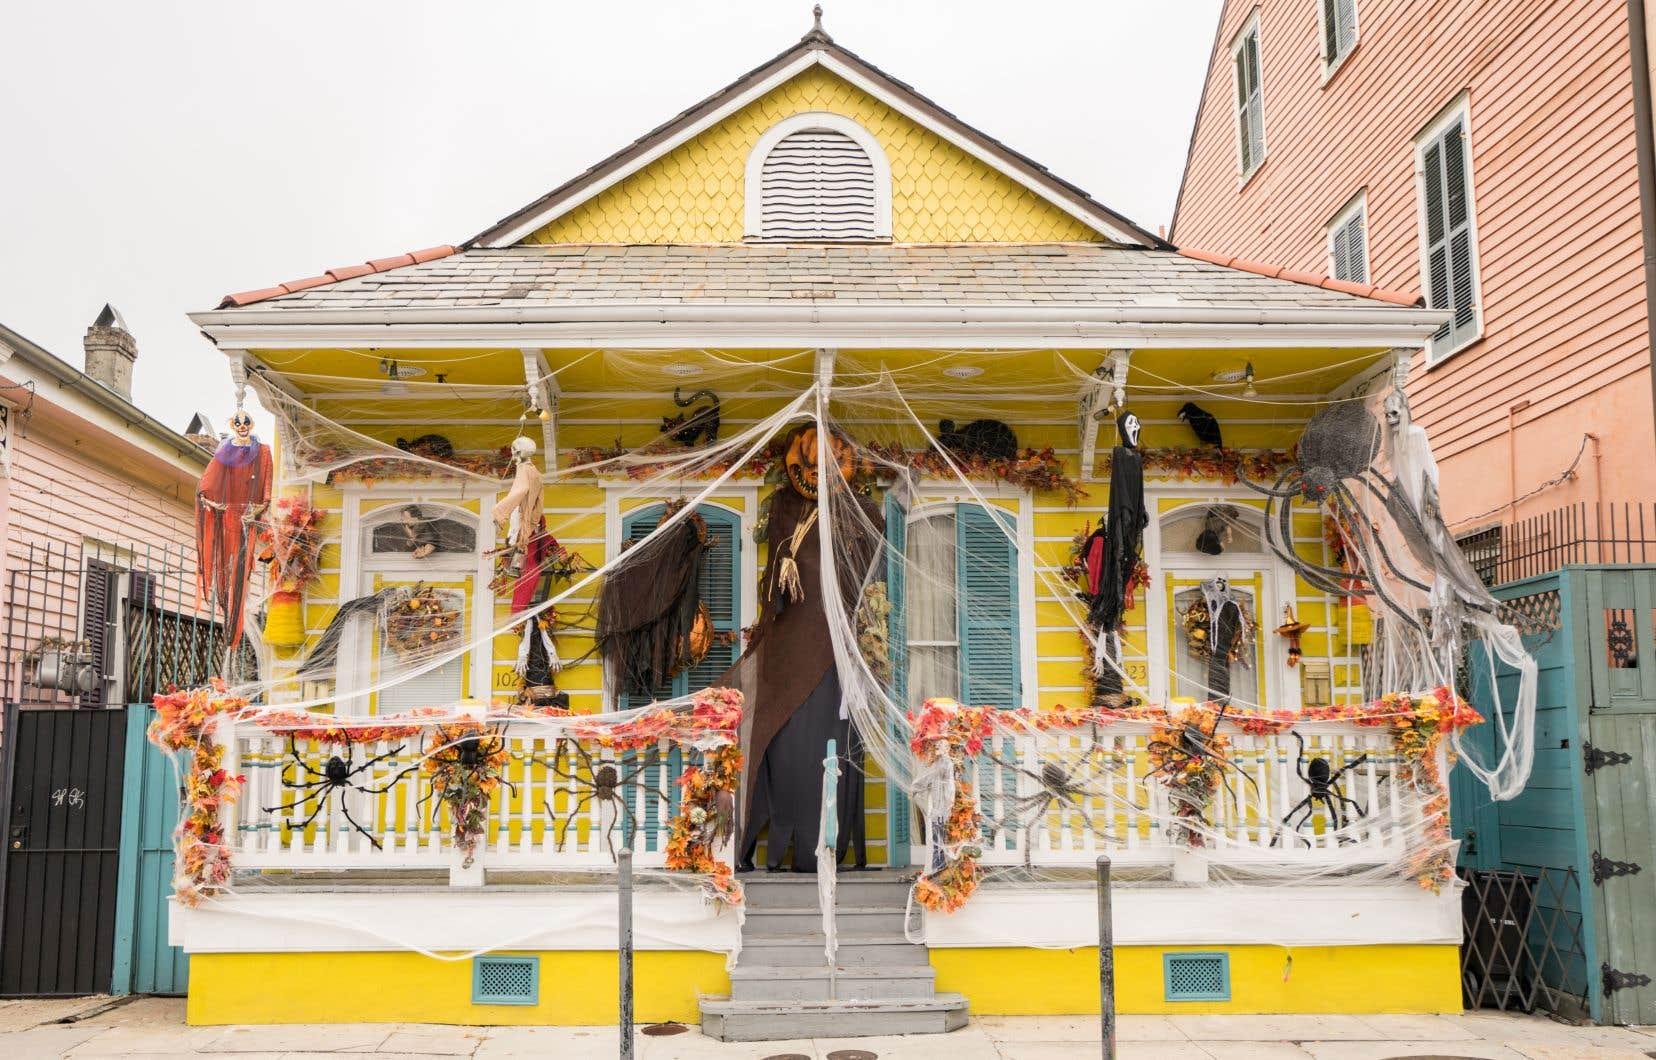 Une maison décorée pour l'Halloween dans le quartier français de la Nouvelle-Orléans, dans le sud des États-Unis